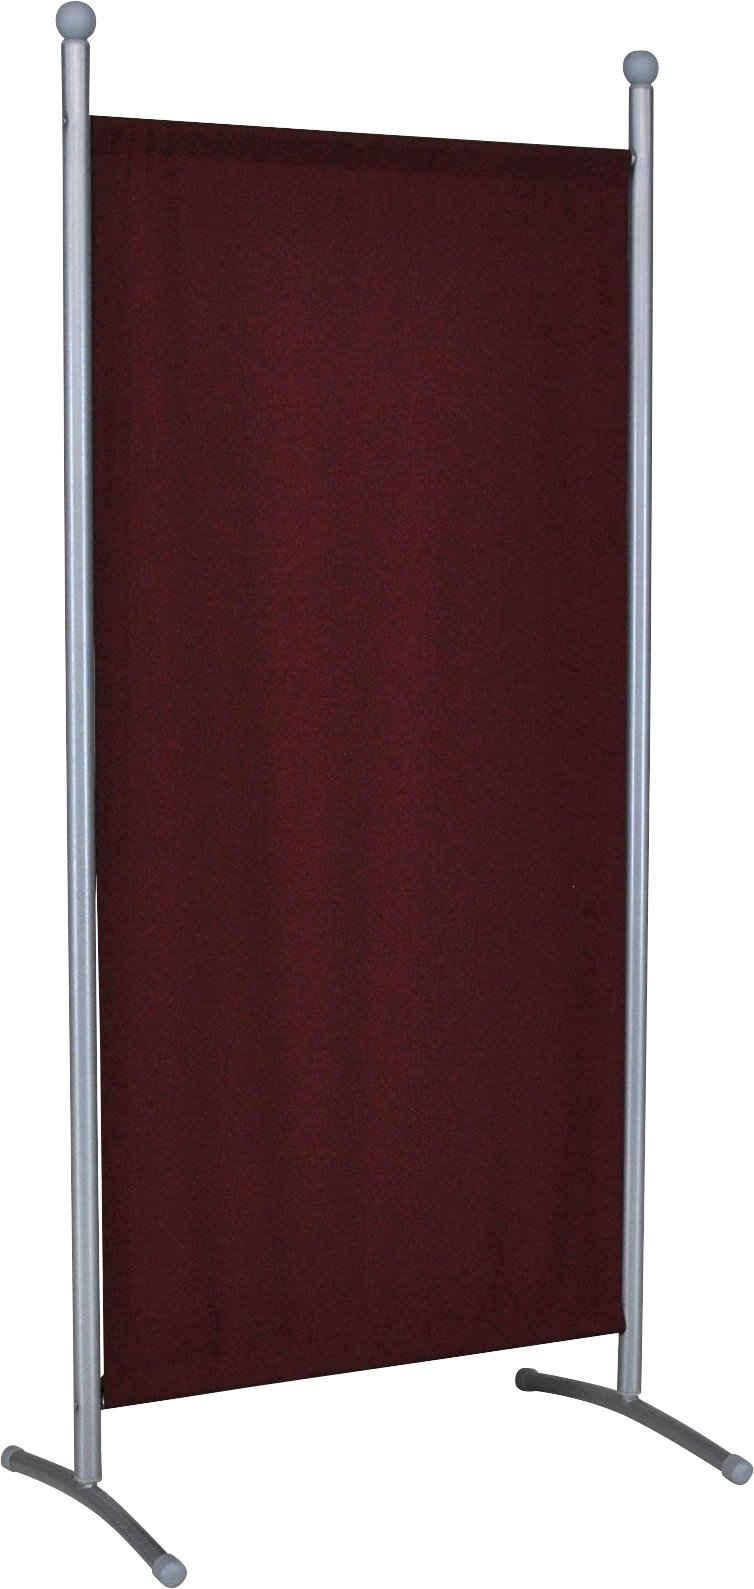 Angerer Freizeitmöbel Stellwand »Klein bordeaux« (1 Stück), (B/H): ca. 82x178 cm